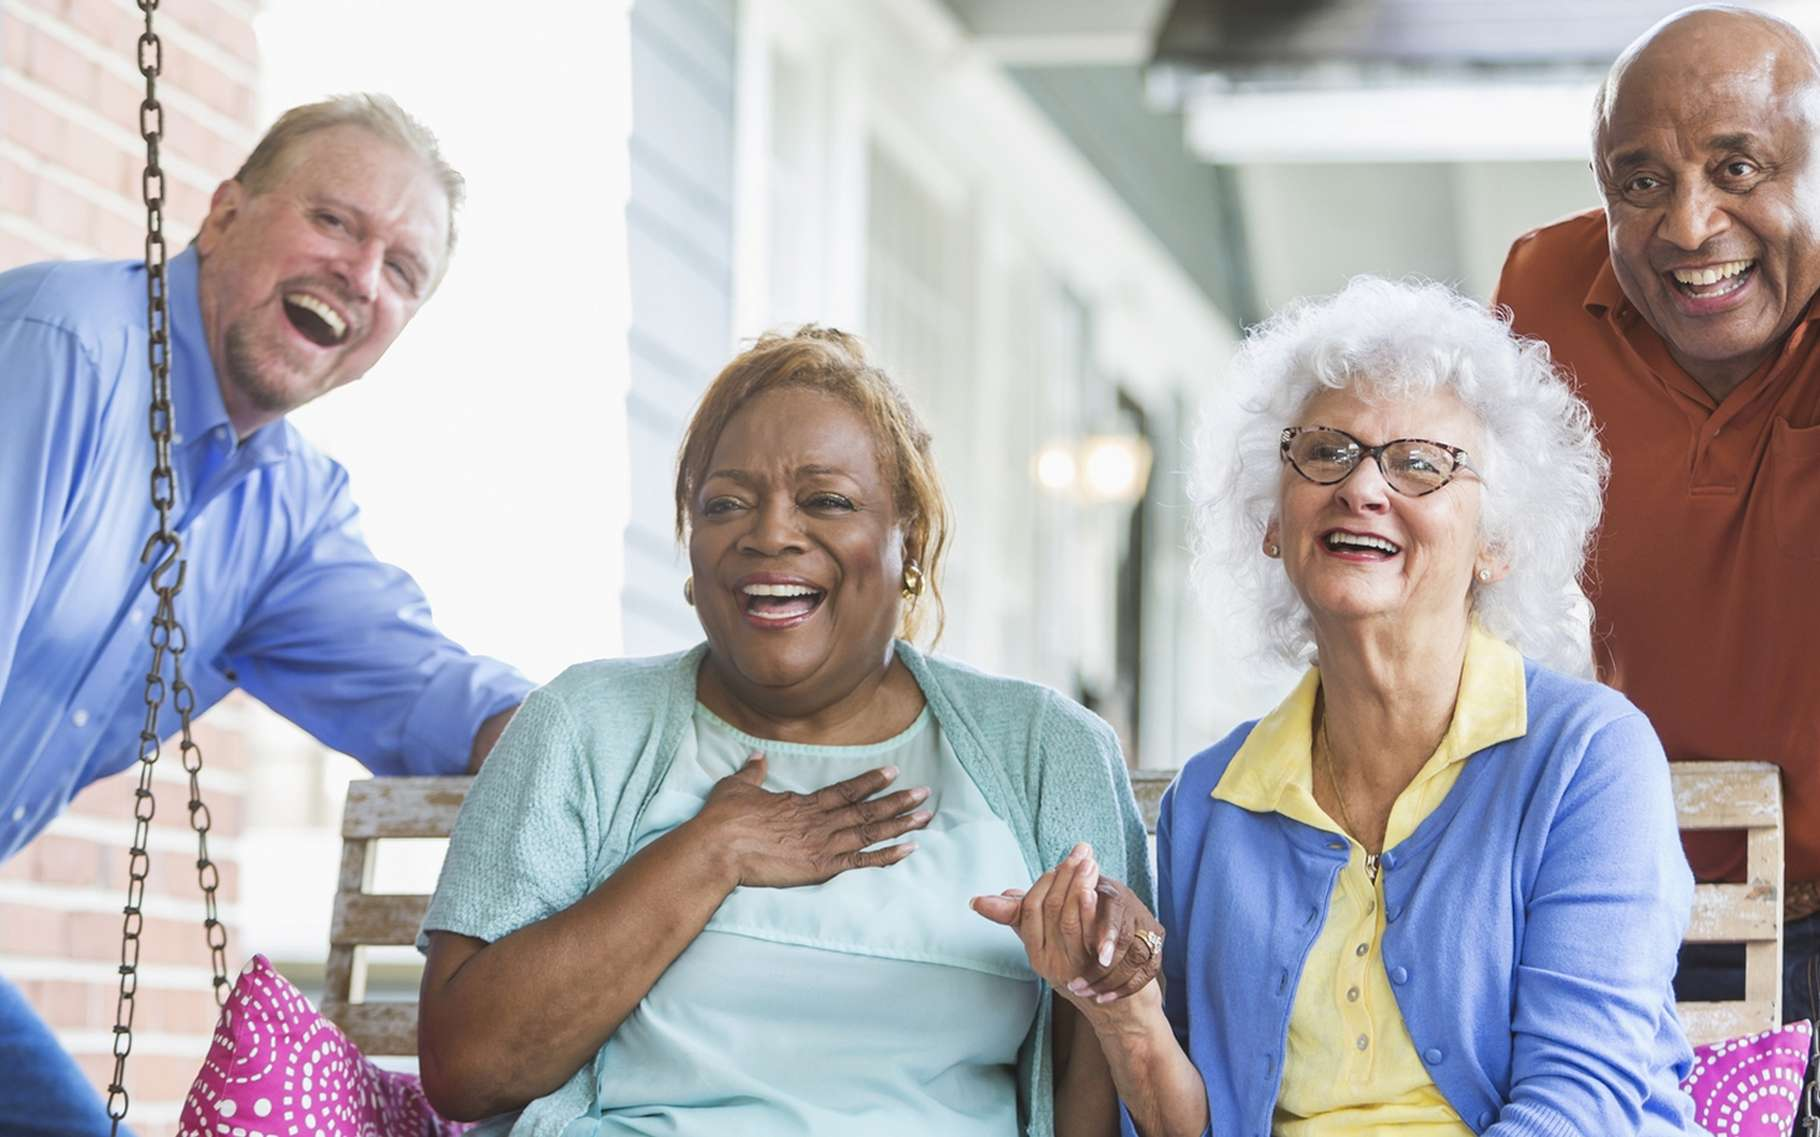 L'âge des premières règles et celui de la ménopause influent sur l'espérance de vie, mais pas de manière simple. © Susan Chiang, Istock.com